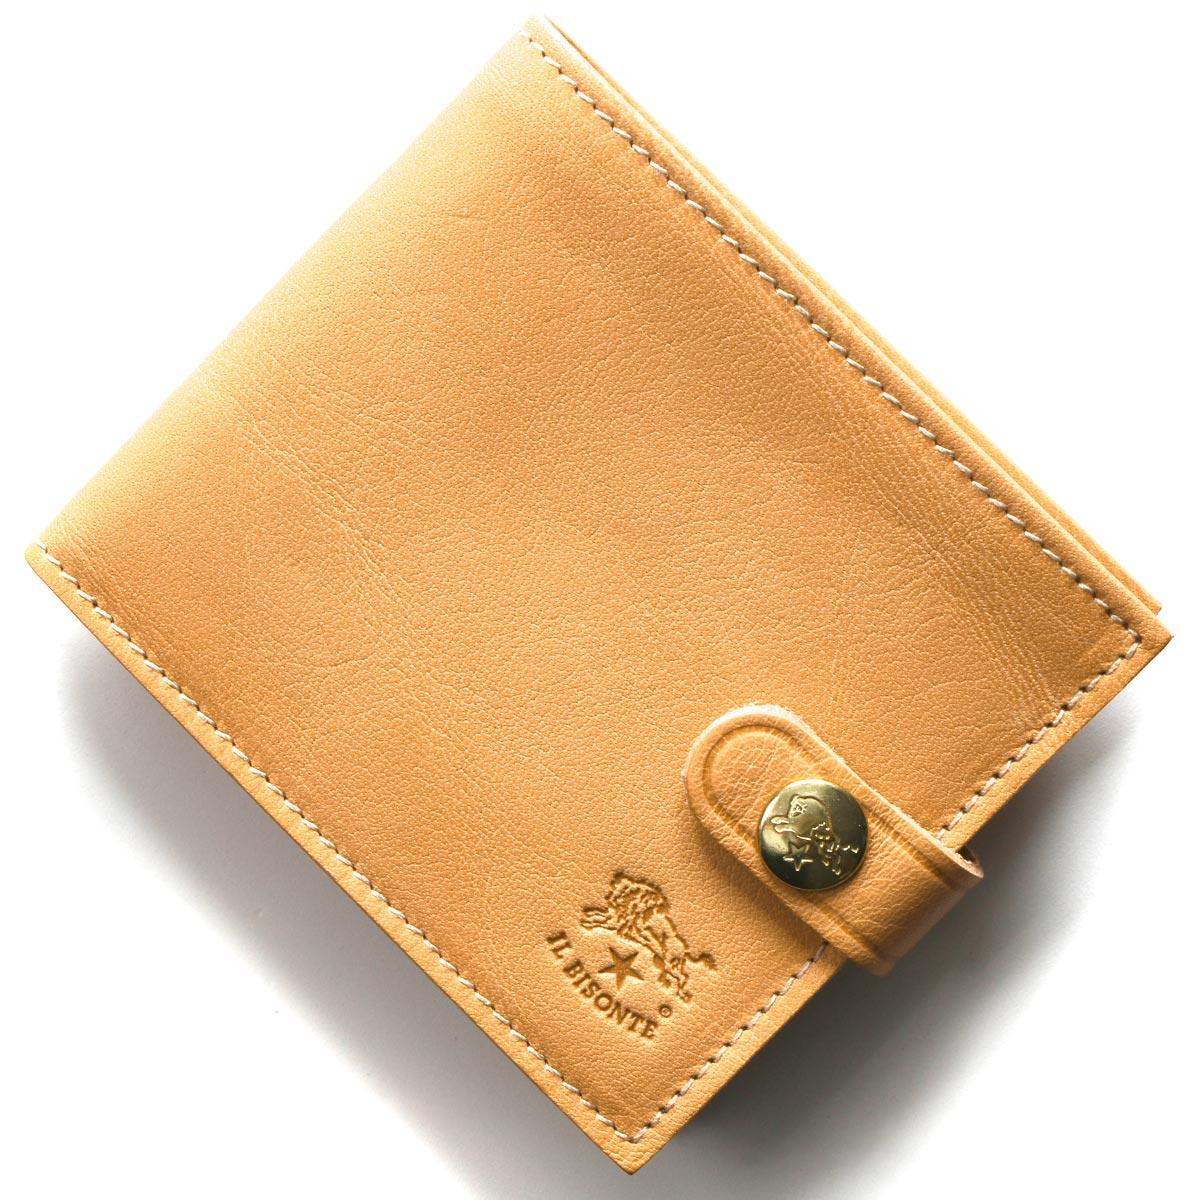 イルビゾンテ 二つ折り財布 財布 メンズ レディース スタンダード ナチュラルベージュ C1007 P 120 IL BISONTE